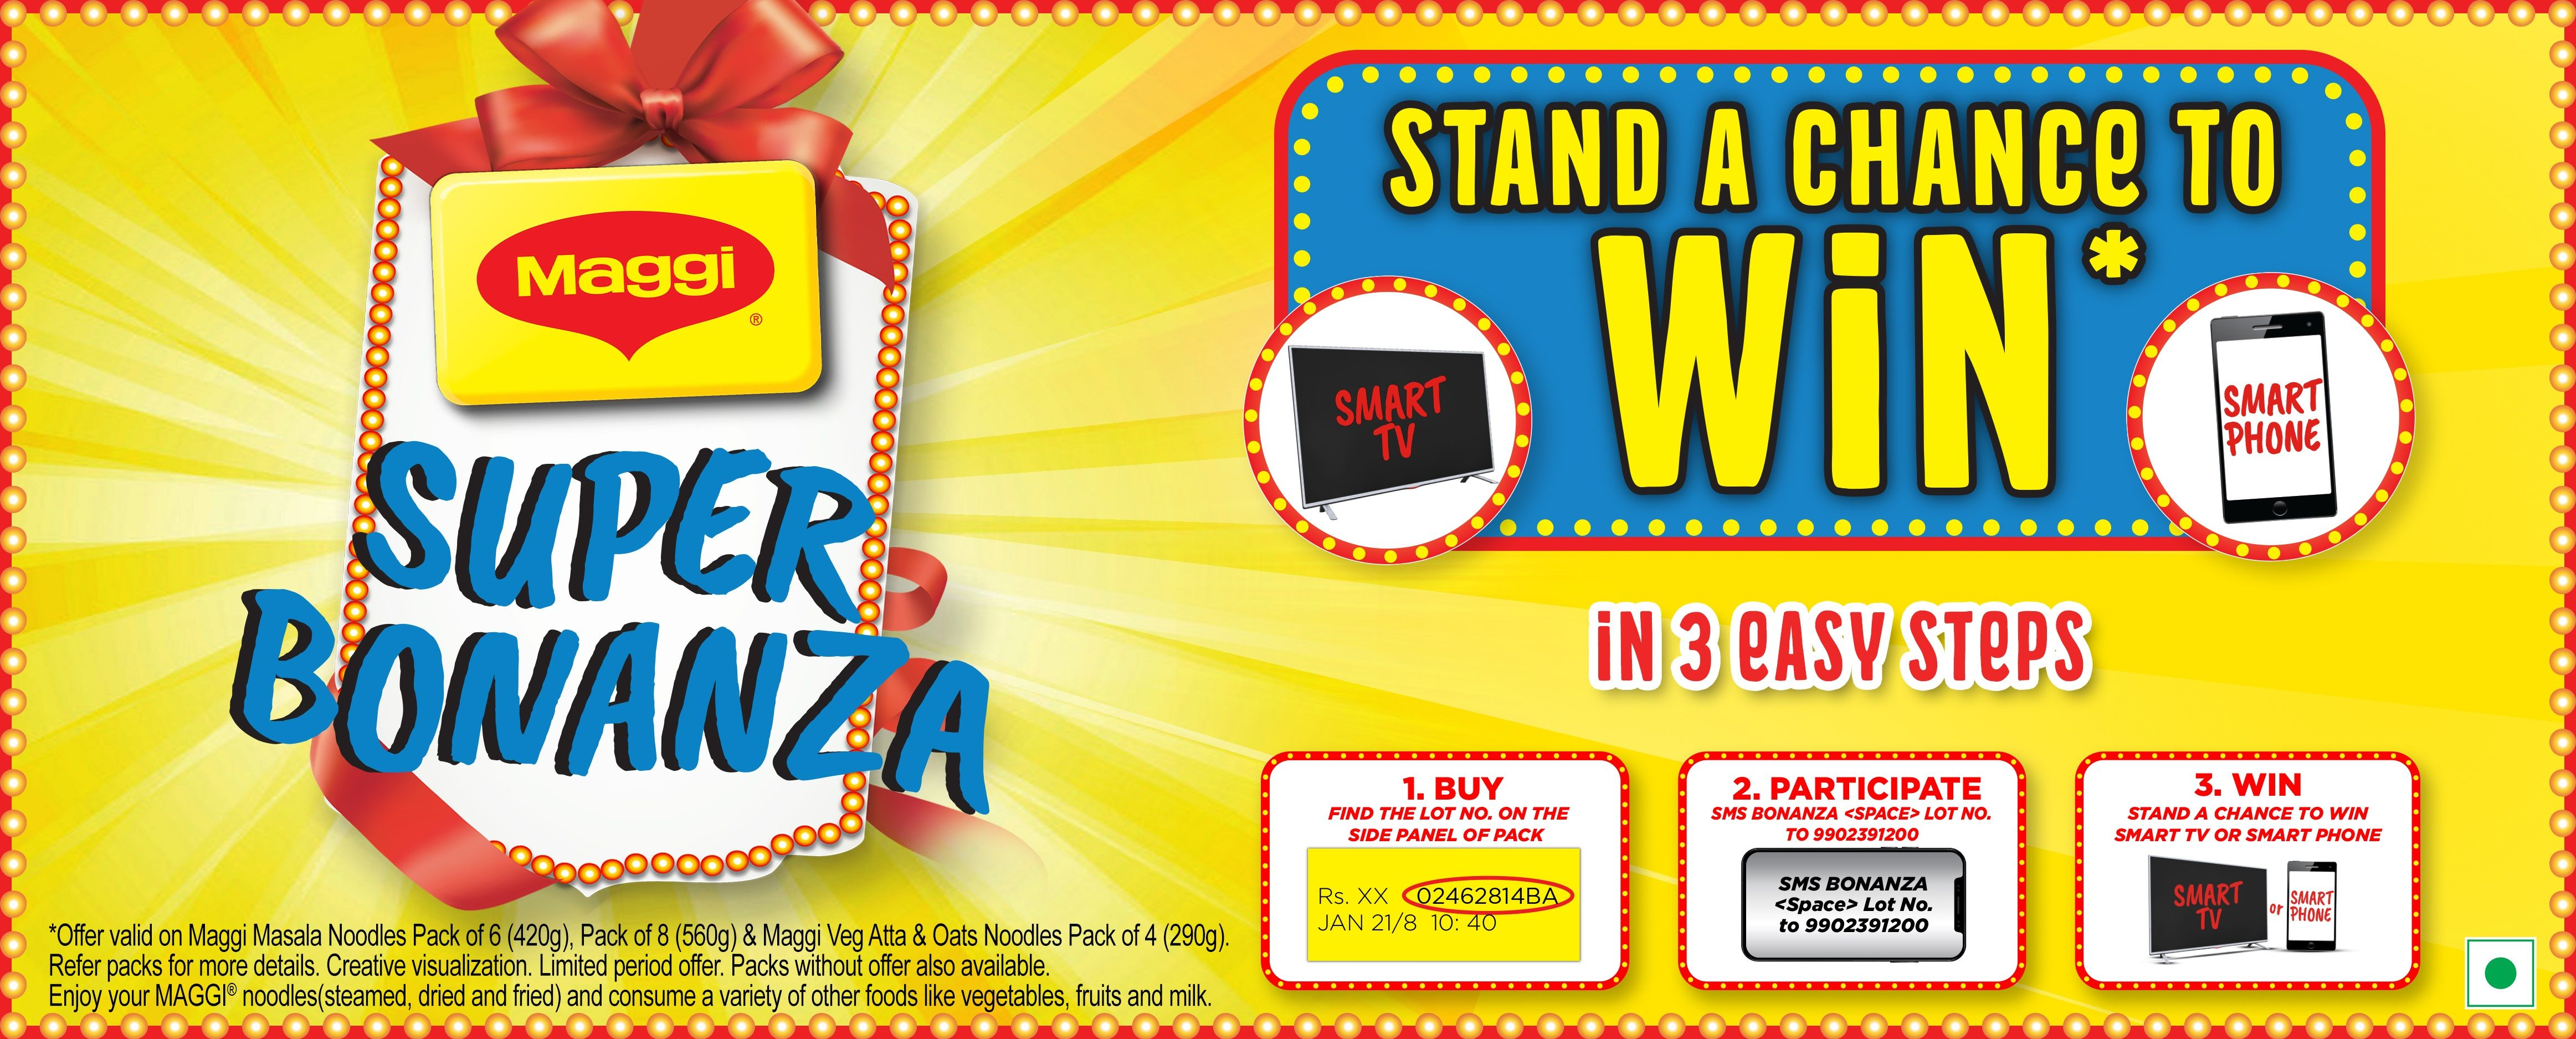 Win Samsung Galaxy A21s or Samsung Smart Tv with Maggi Super Bonanza Contest